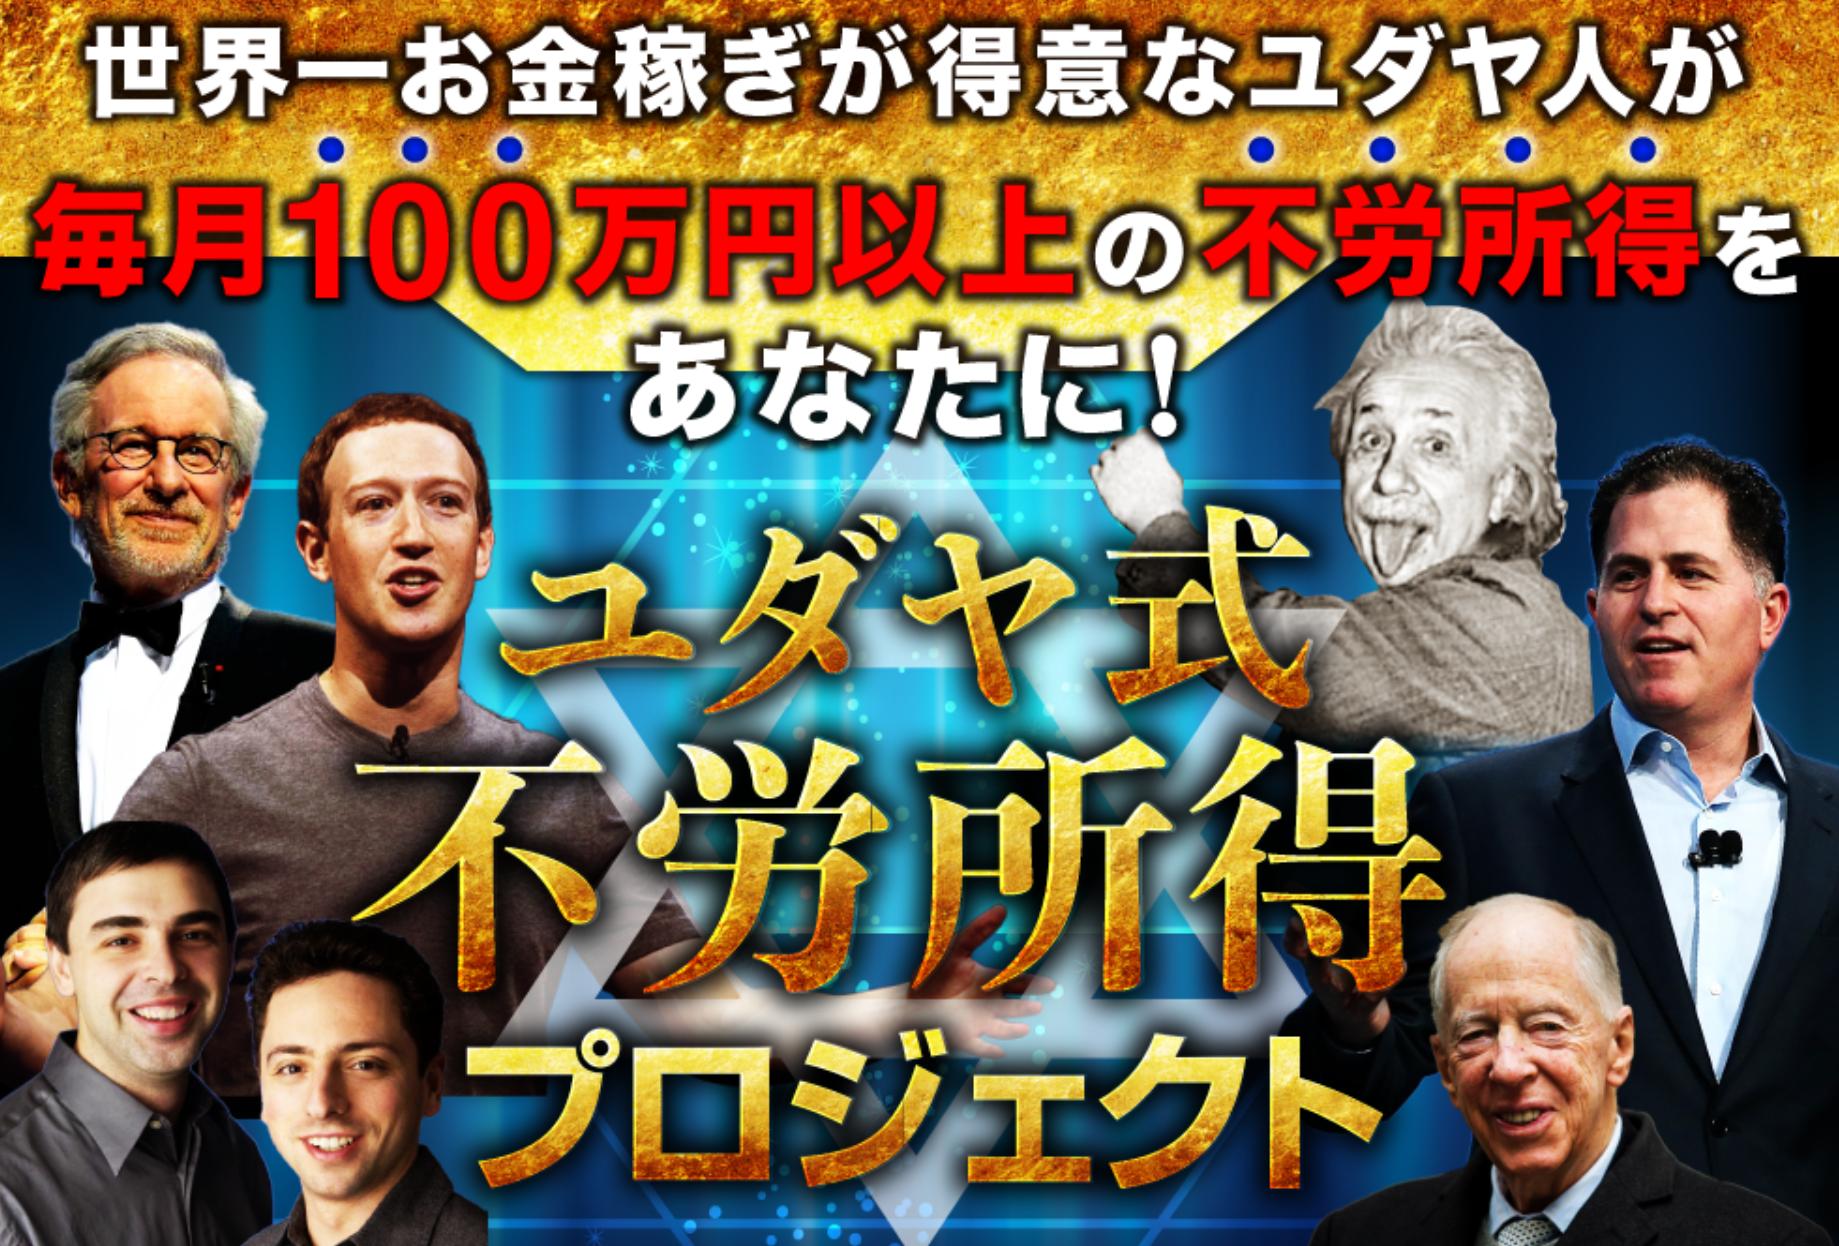 西村秦一 ユダヤ式不労所得プロジェクト1